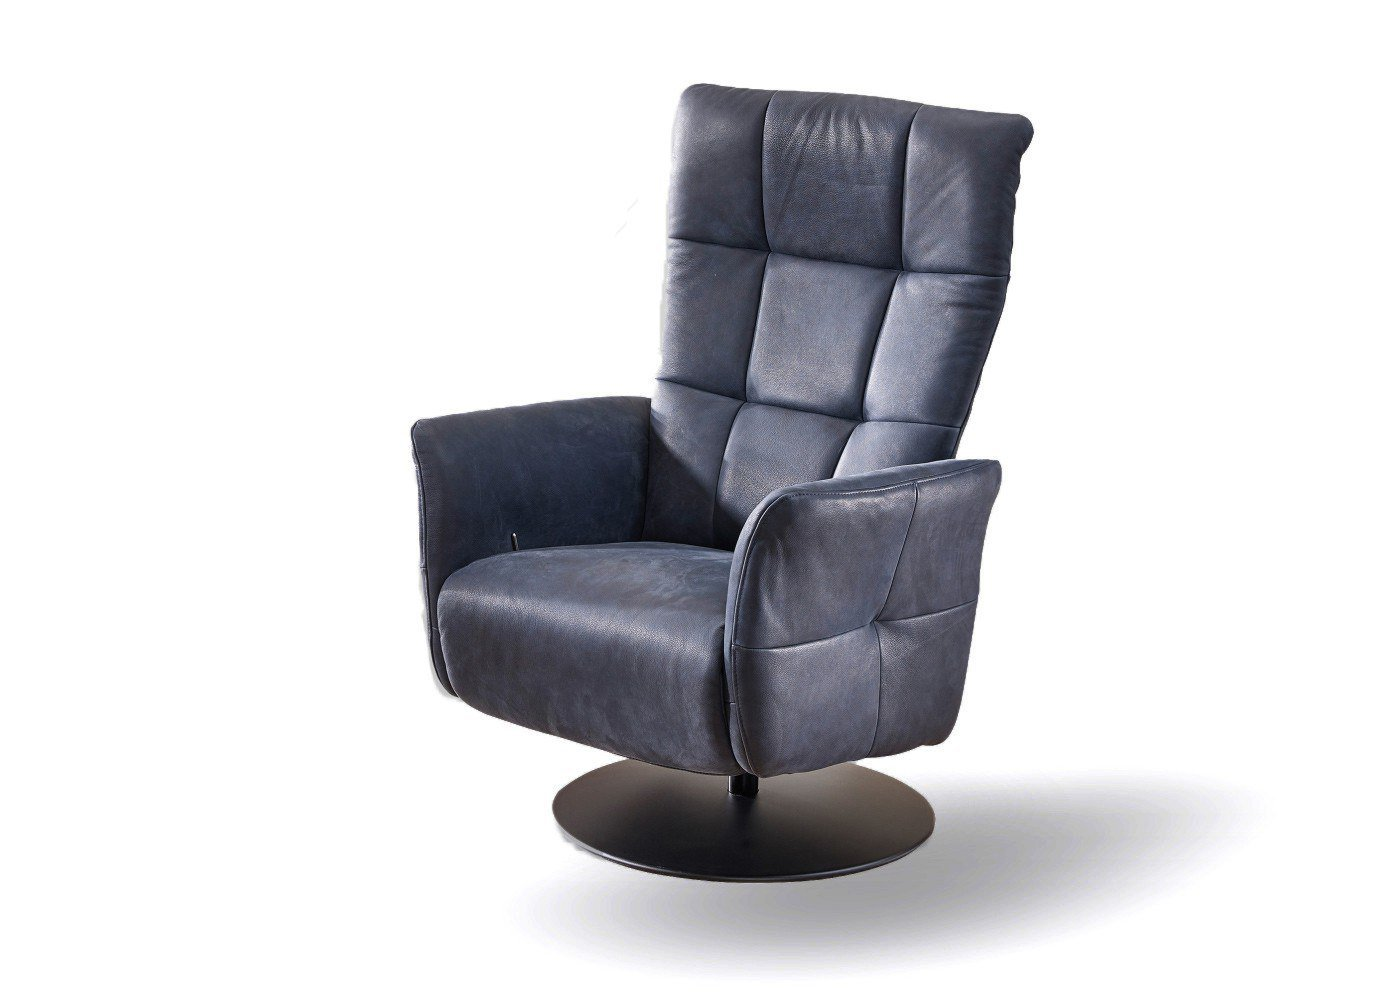 k w 7302 drehsessel blau m bel letz ihr online shop. Black Bedroom Furniture Sets. Home Design Ideas